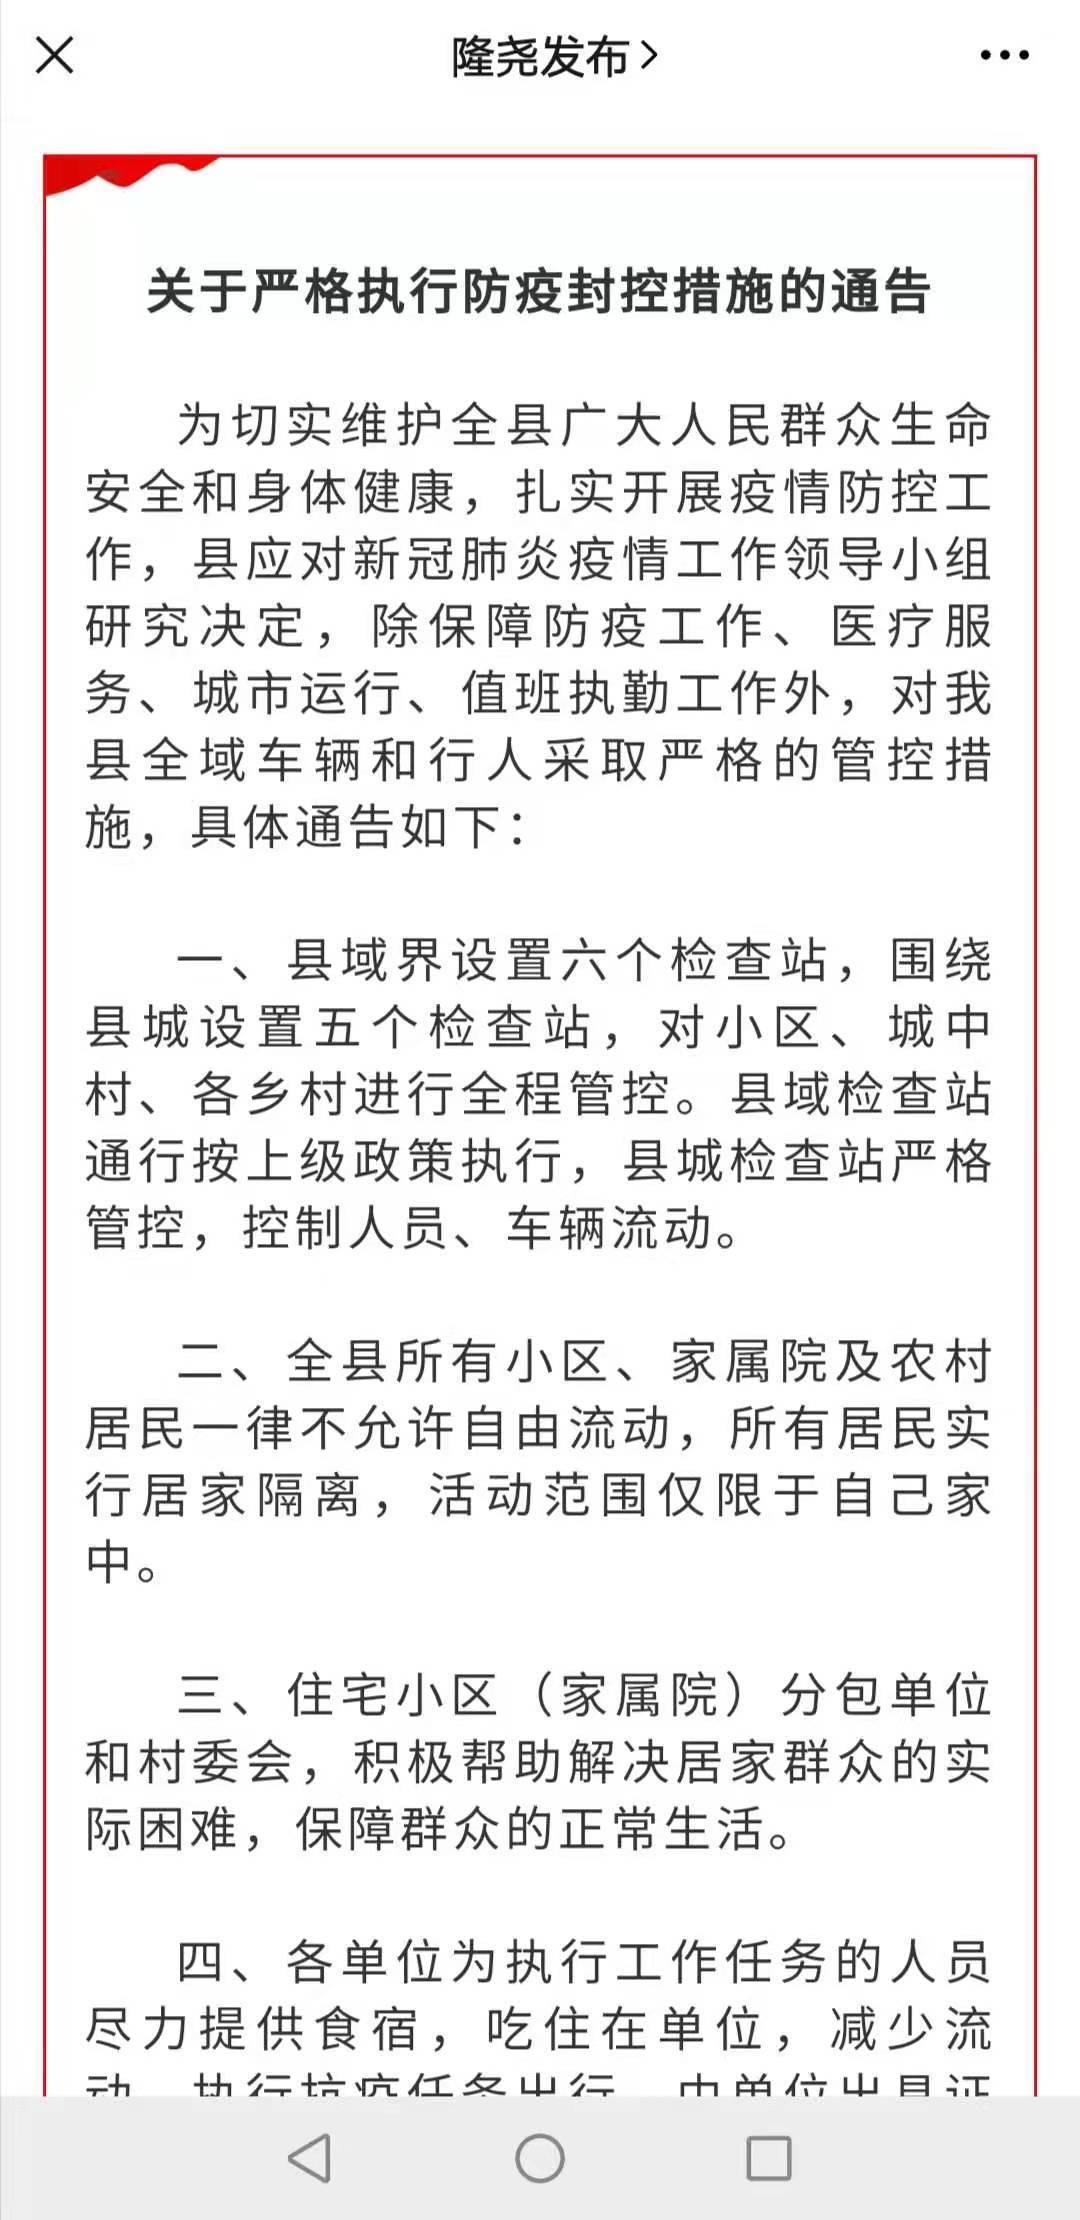 河北隆尧:所有居民实行居家隔离,活动范围仅限家中